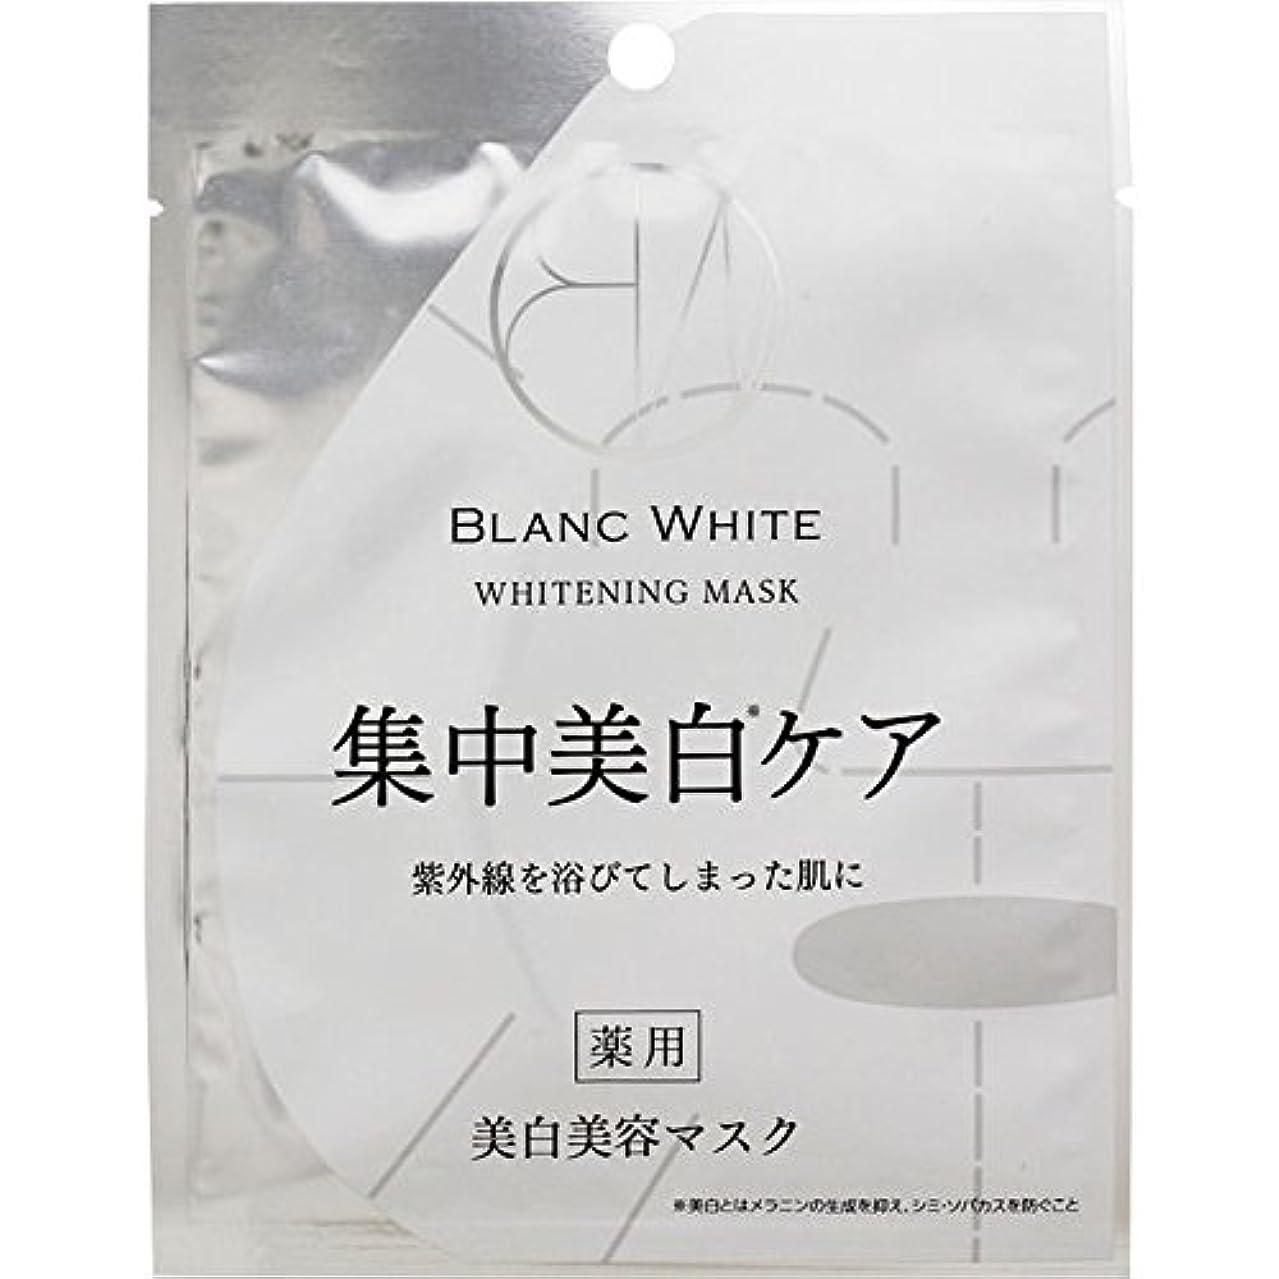 独立して教えてクルーズブランホワイト ホワイトニングマスク 1枚【21ml】 (医薬部外品)